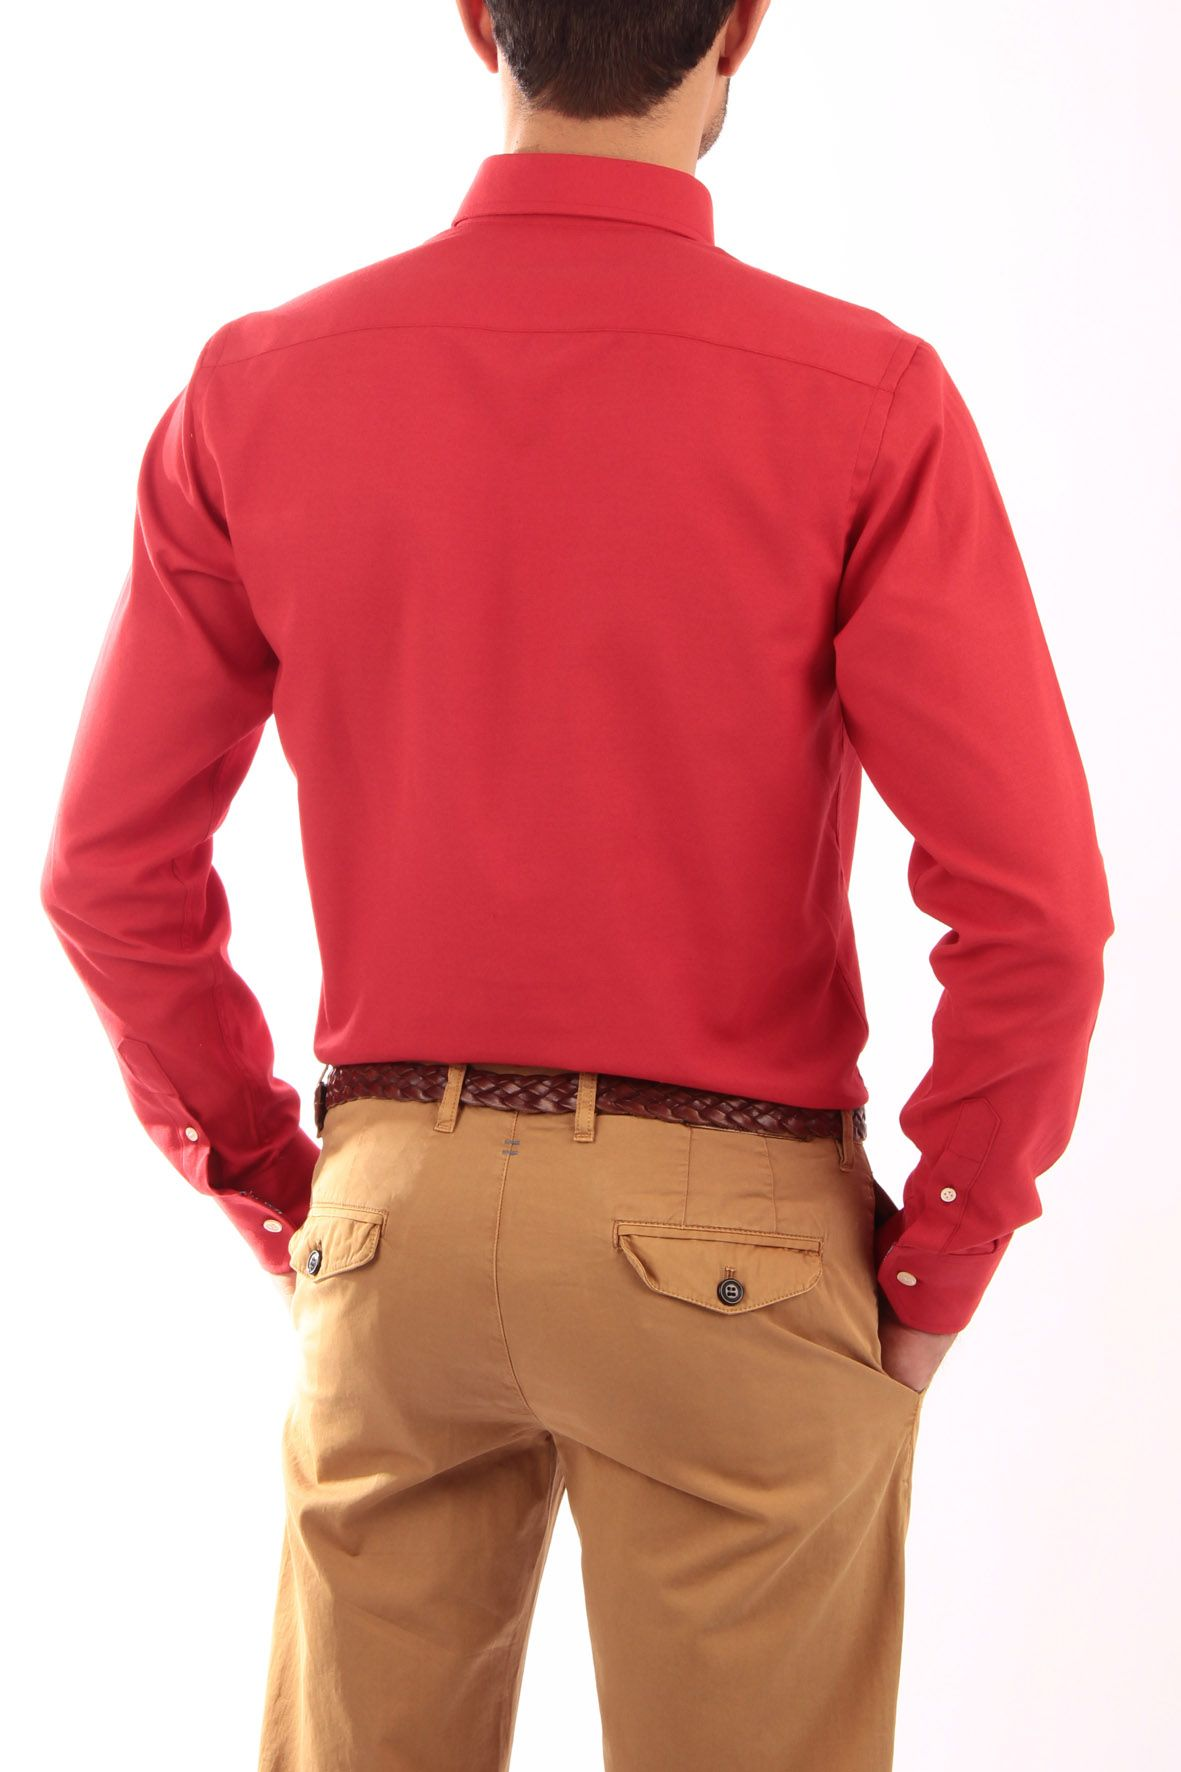 ce606d8269 interior escocesa Detalles escocesa cinta en del Oxford roja Detalle  bordado cuello de vista Camisa interior ...